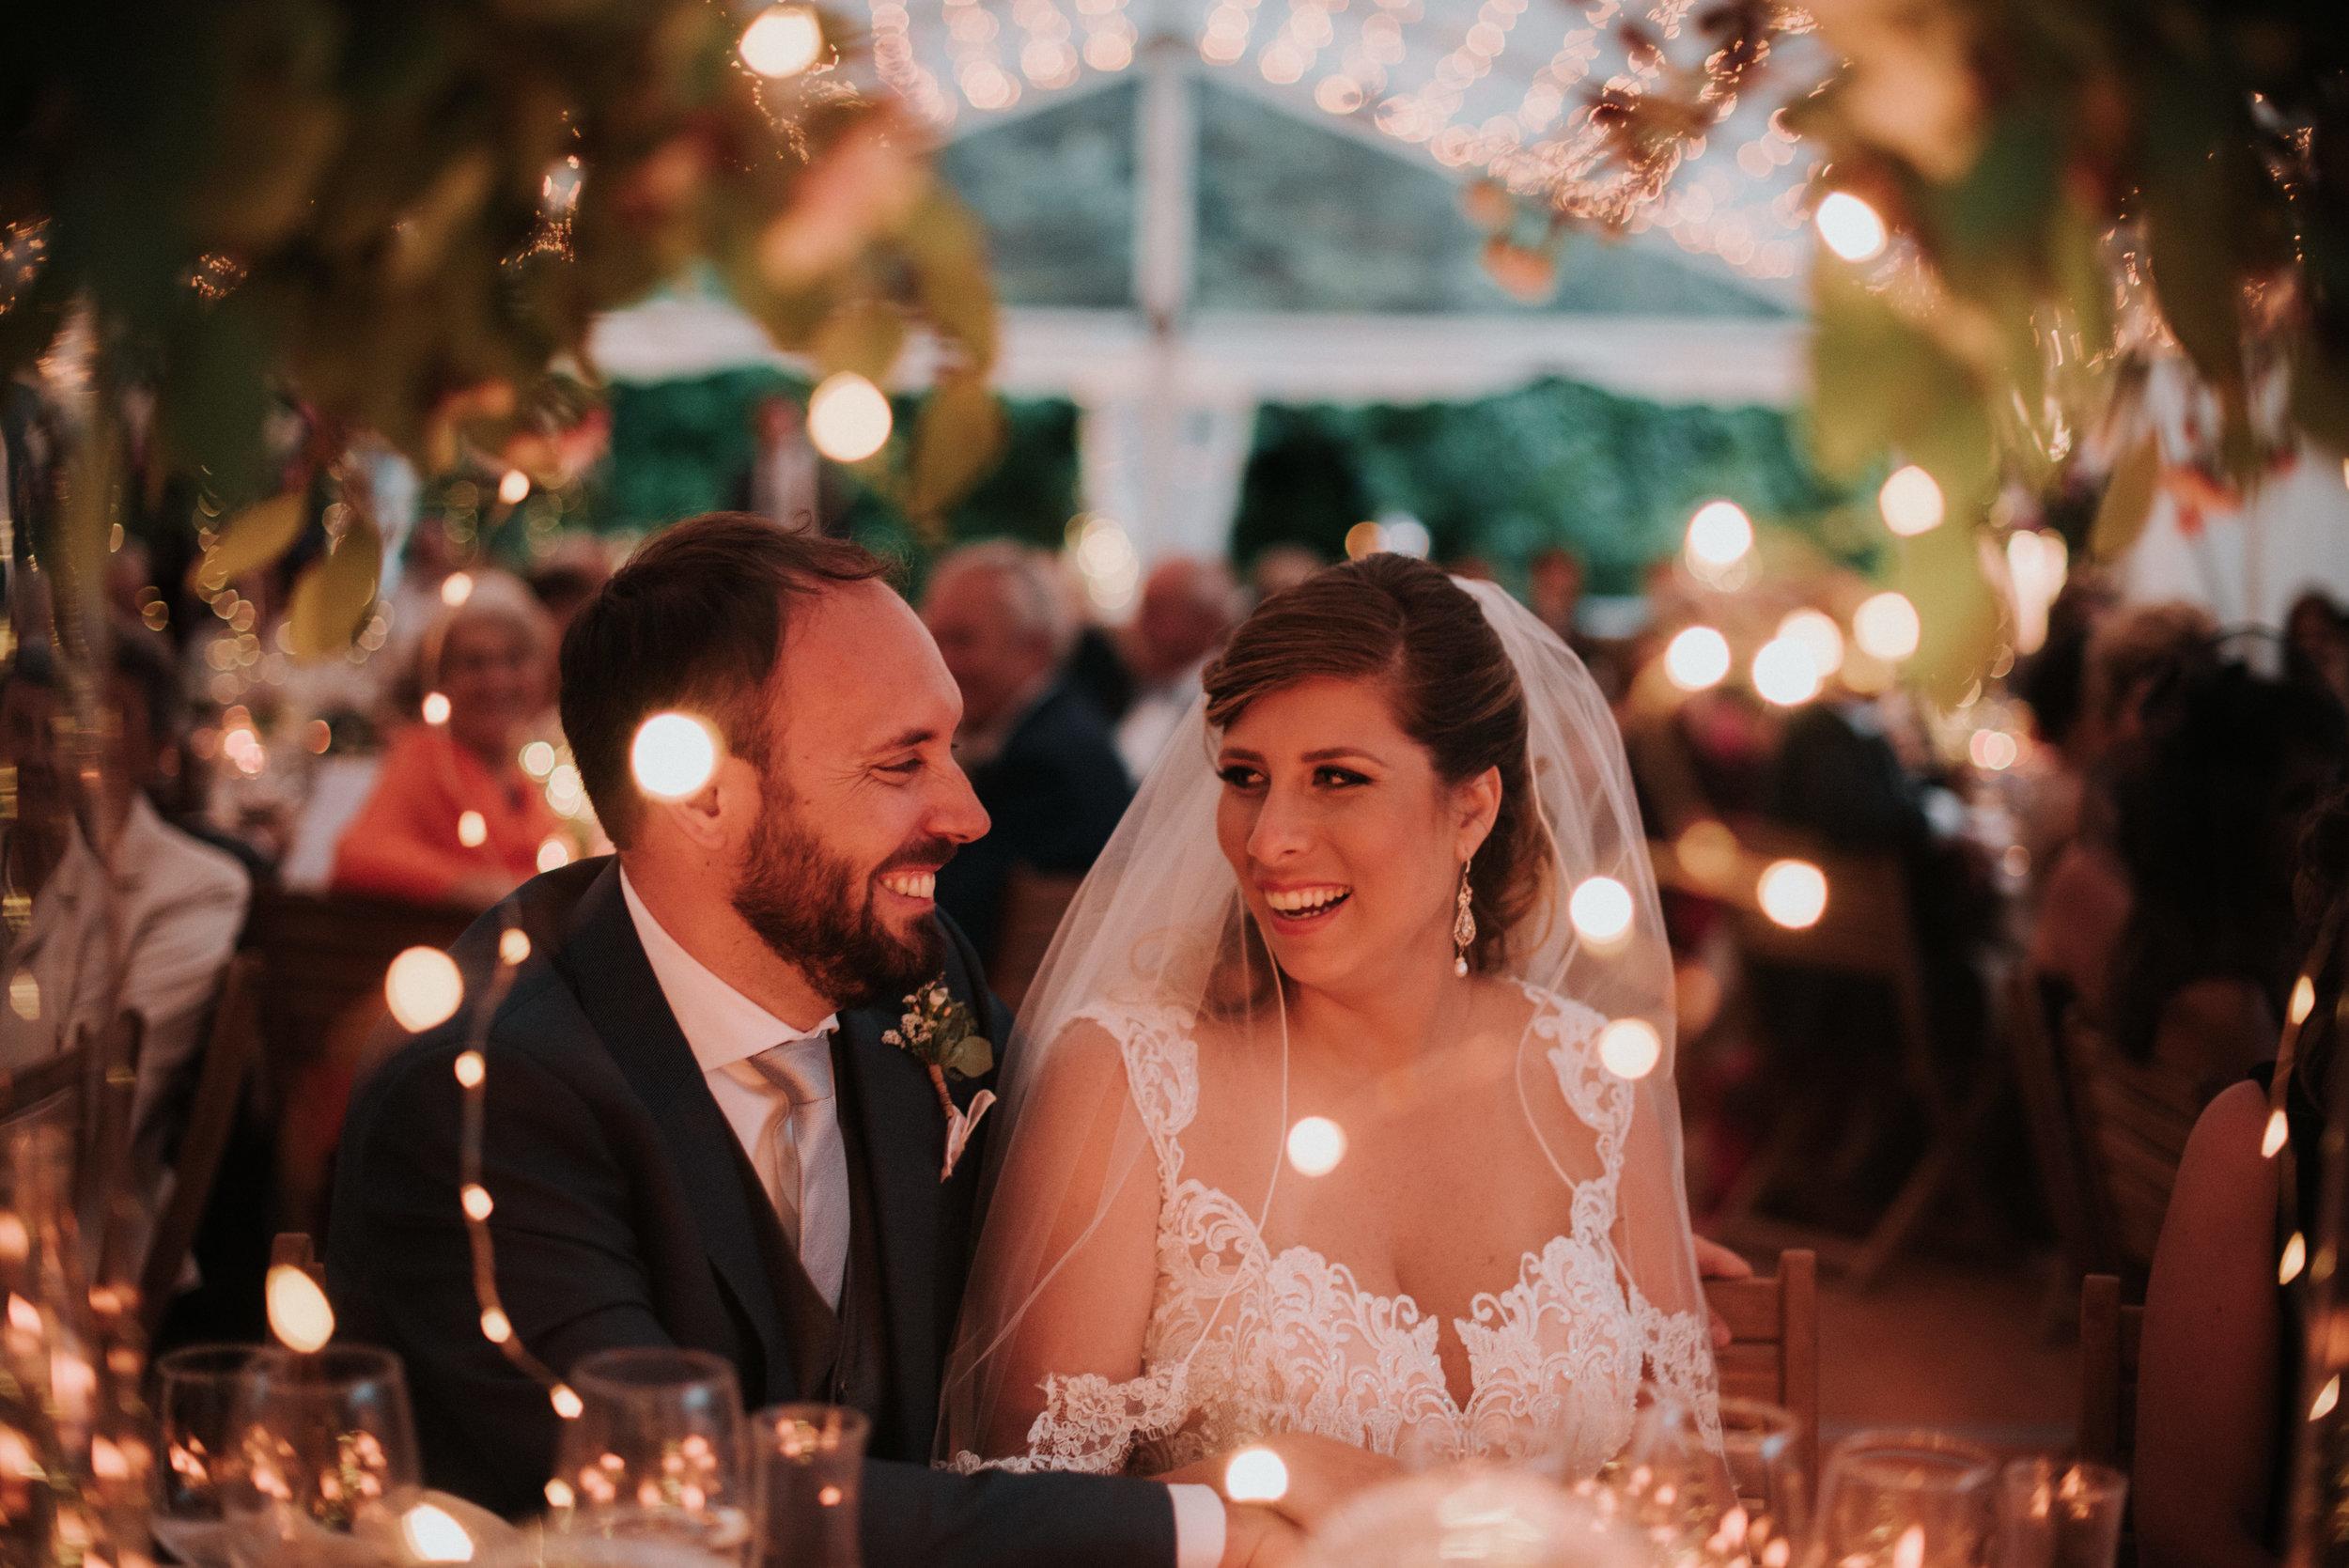 Léa-Fery-photographe-professionnel-lyon-rhone-alpes-portrait-creation-mariage-evenement-evenementiel-famille-1460.jpg